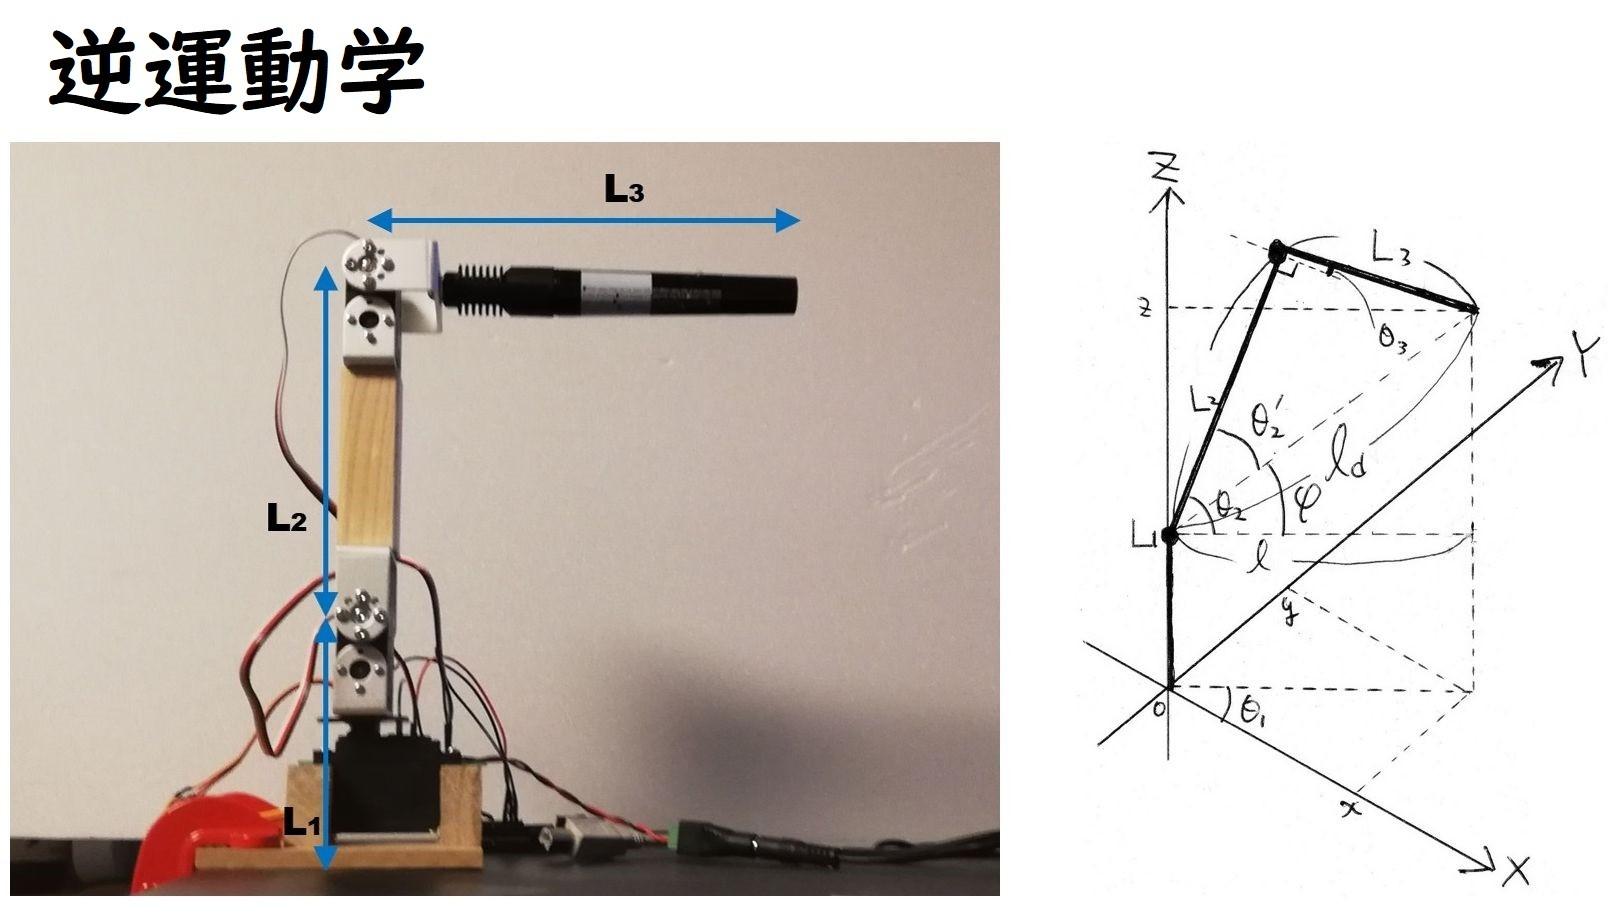 逆運動学 で制御 ーロボットアーム自作への道2ー - Advent Calendar ...